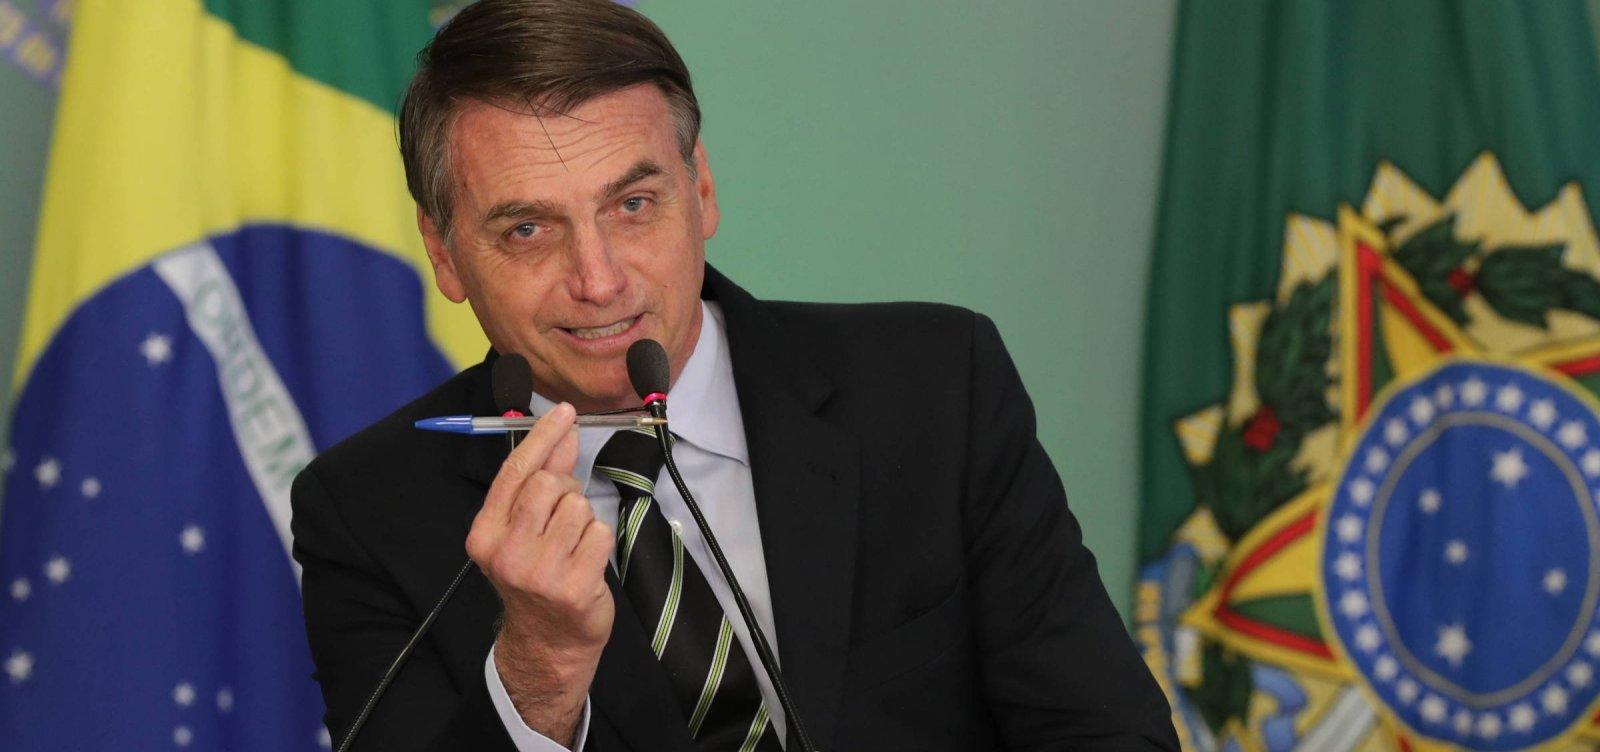 ['Manda ele me procurar', diz Bolsonaro sobre indicar Dallagnol a Procuradoria]